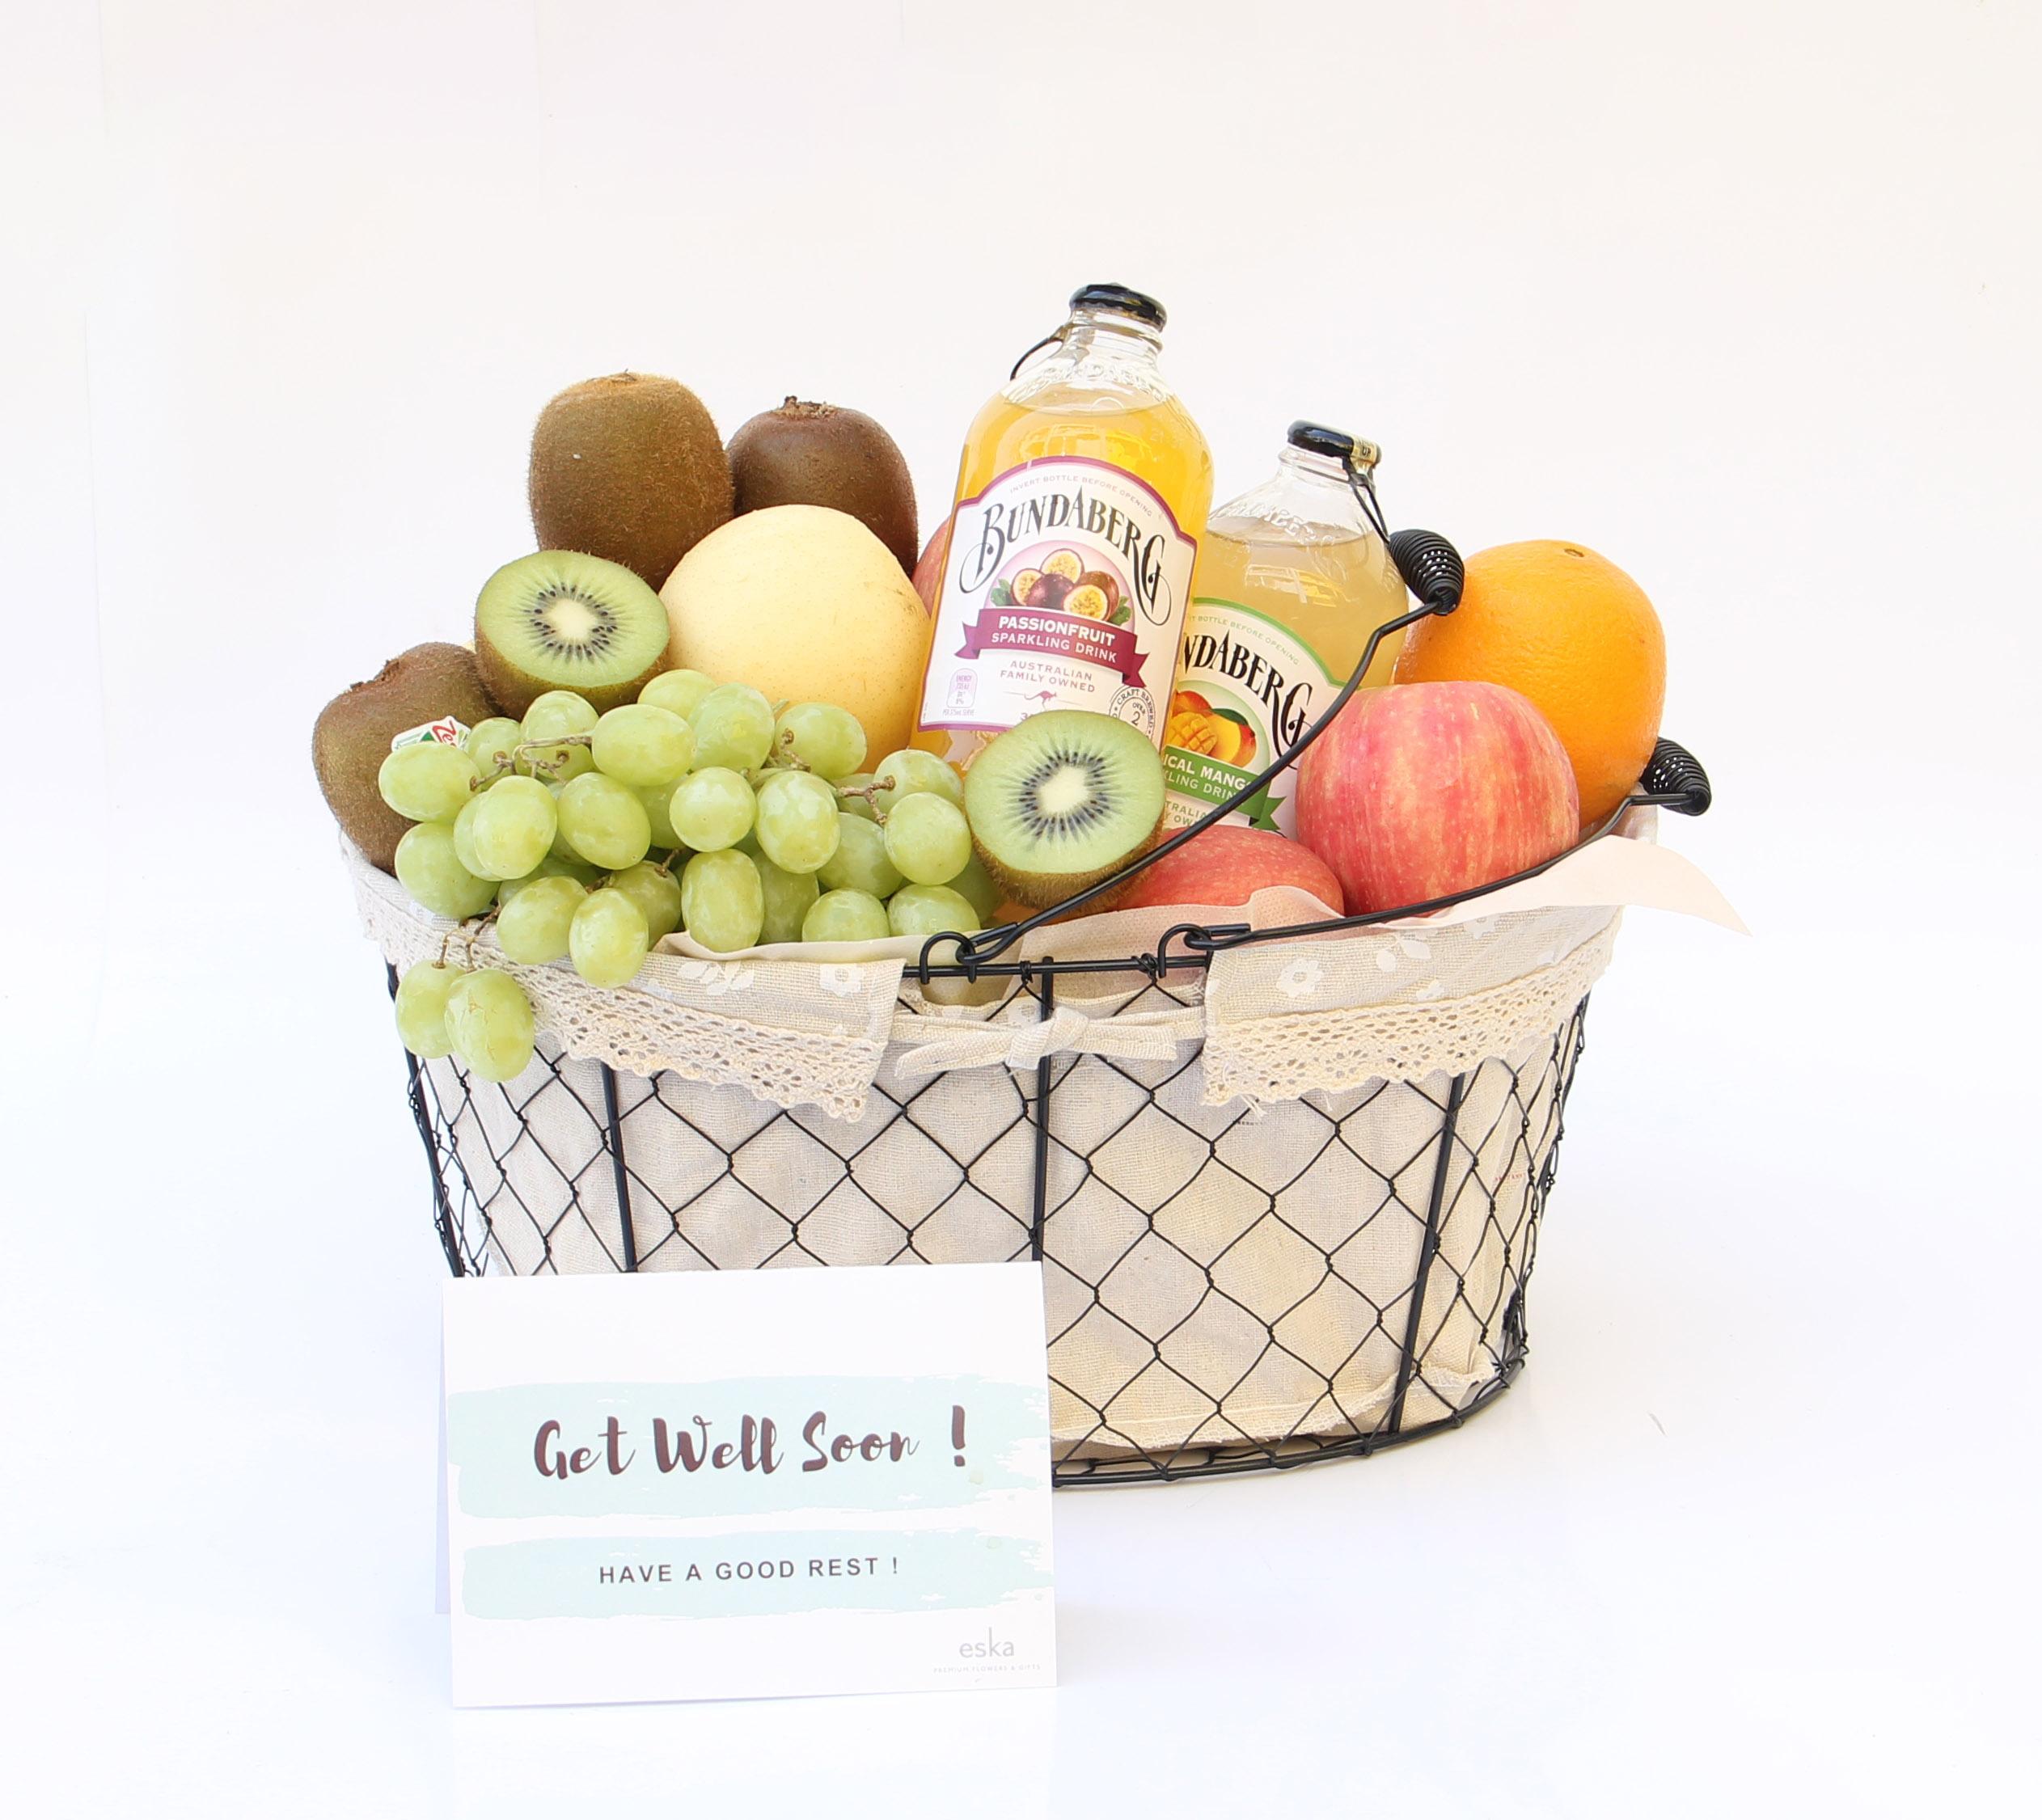 Fruit & Juices basket for get well | Fruits Basket | Eska Creative Gifting